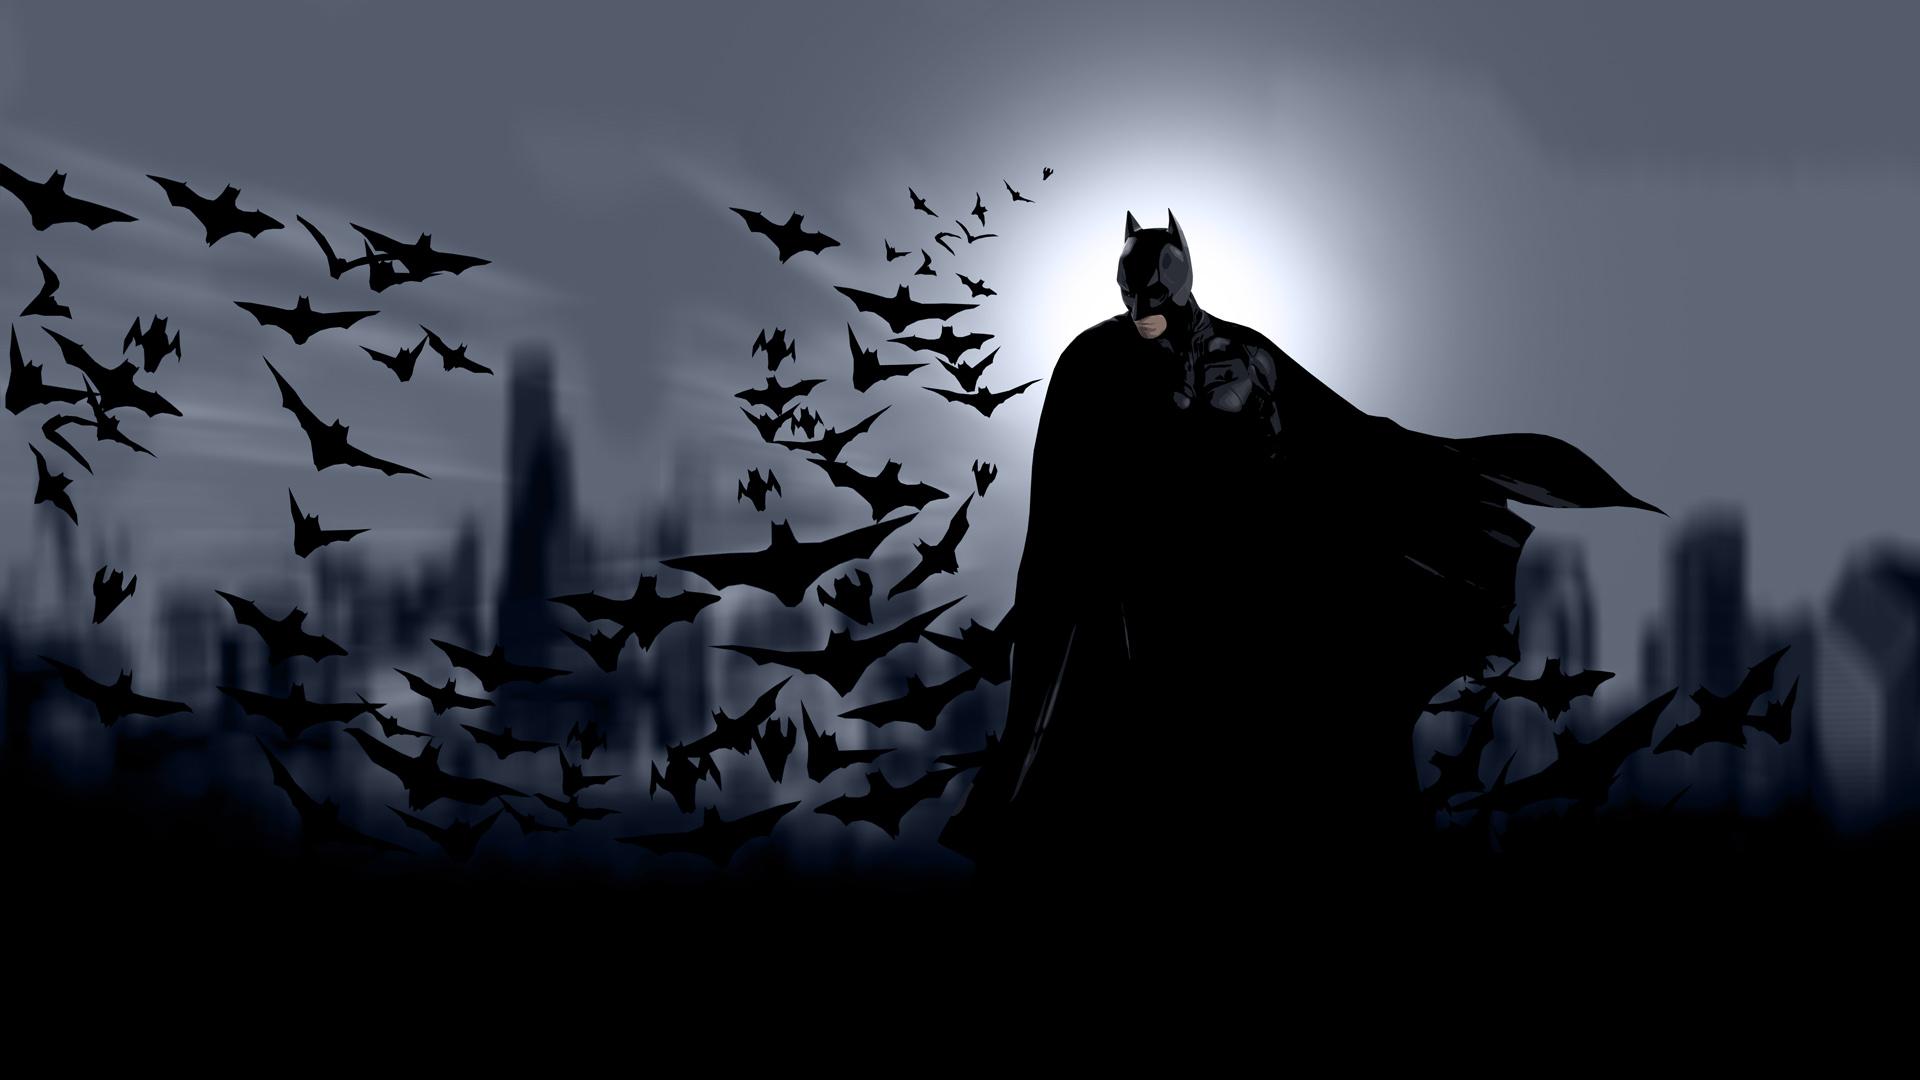 Wallpaper Caballero Oscuro Batman